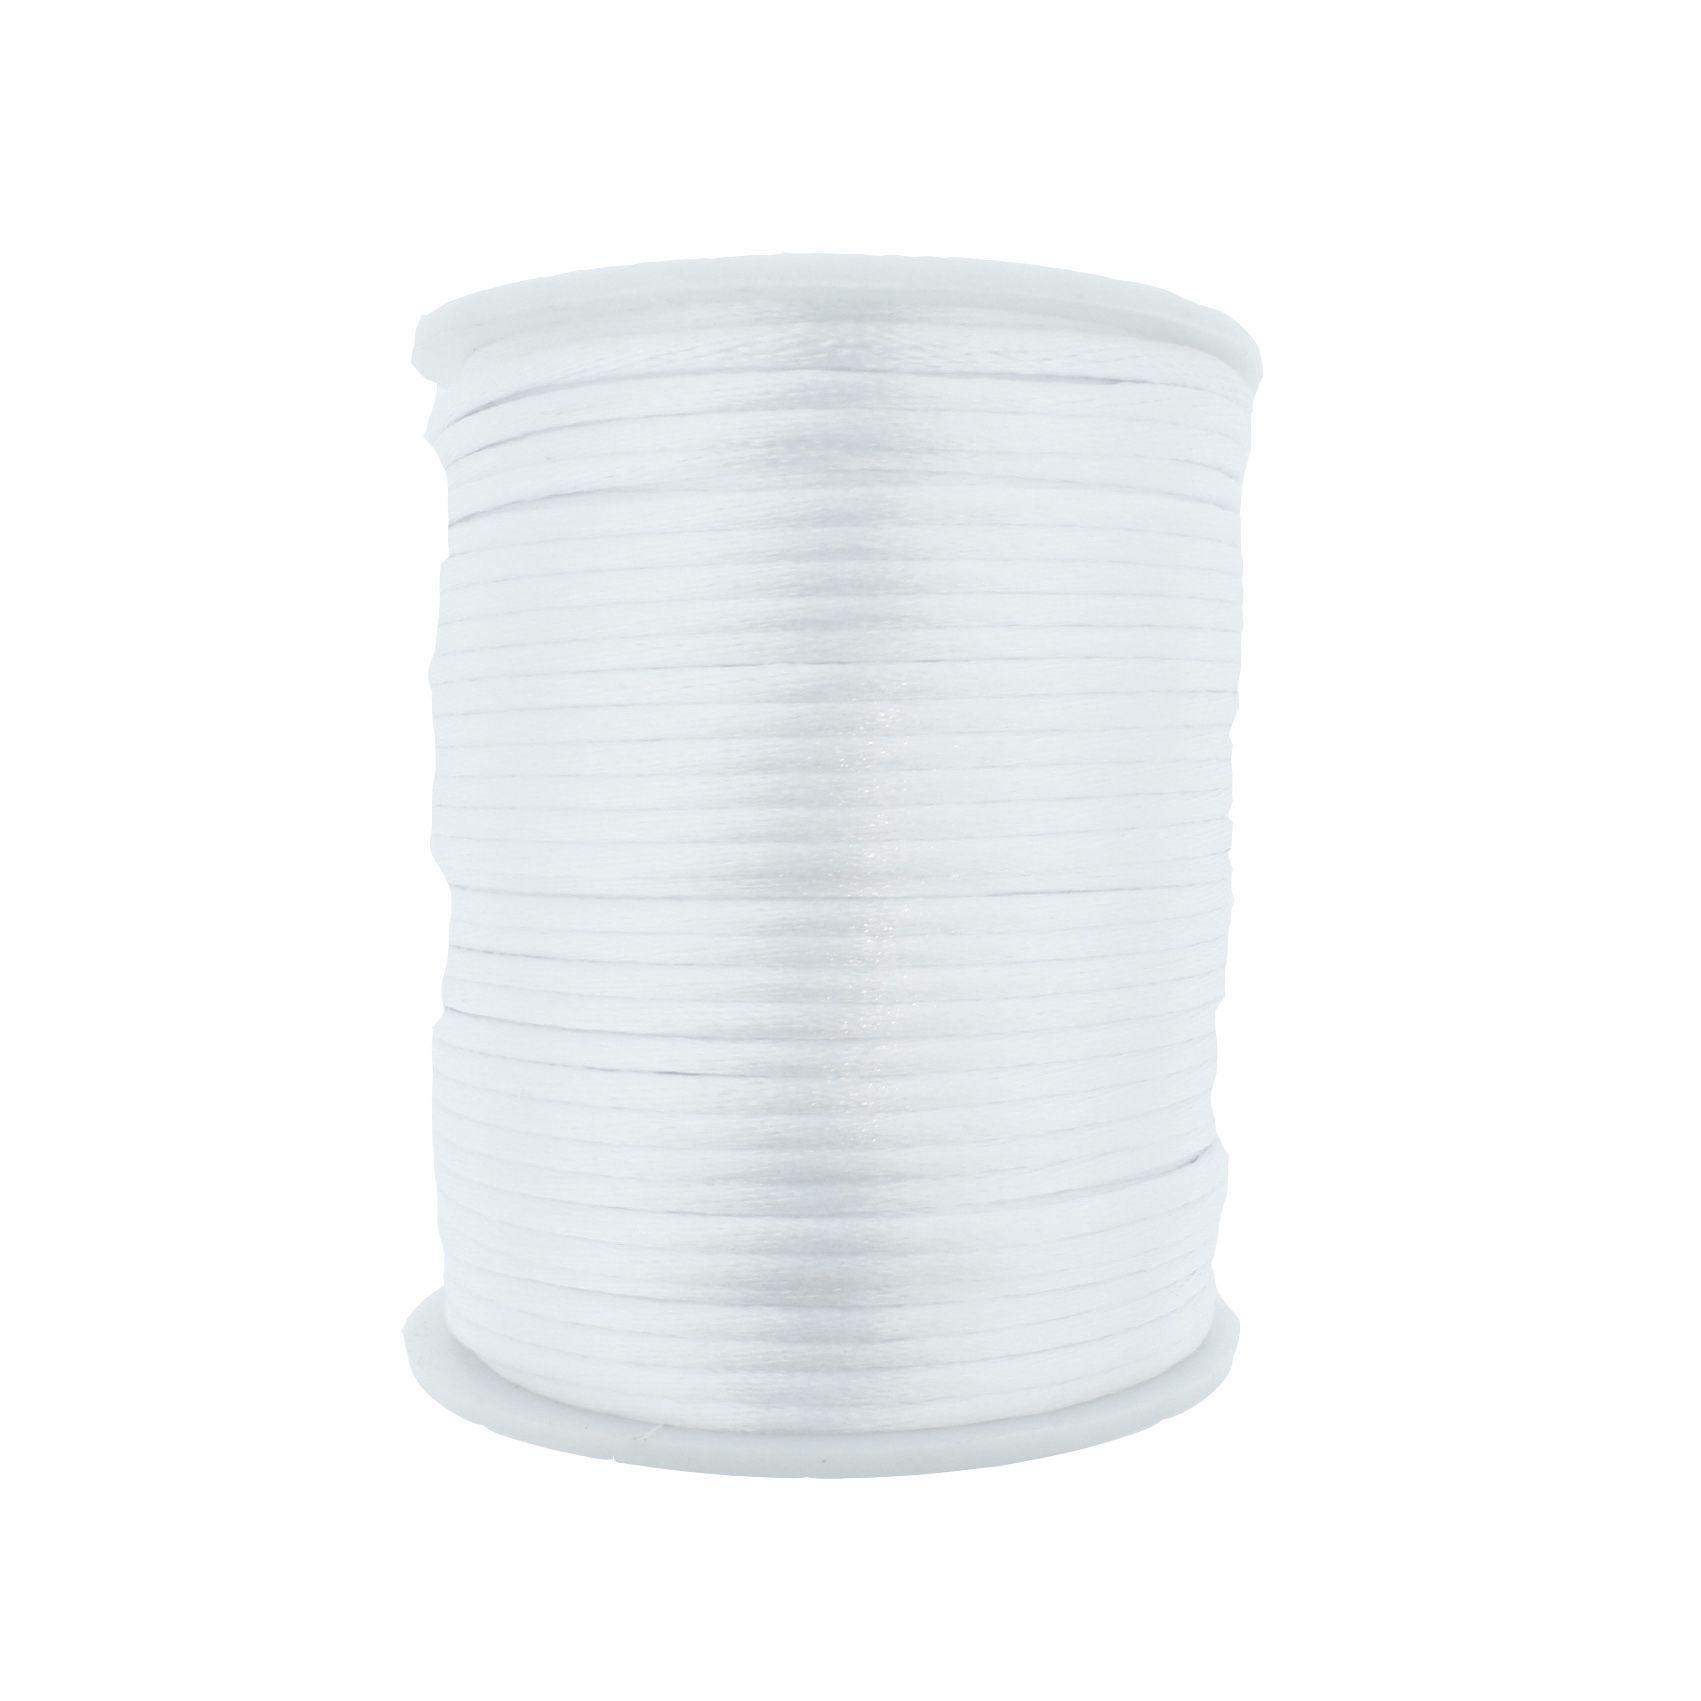 Cordão de Seda - Branco - 2mm  - Stéphanie Bijoux® - Peças para Bijuterias e Artesanato